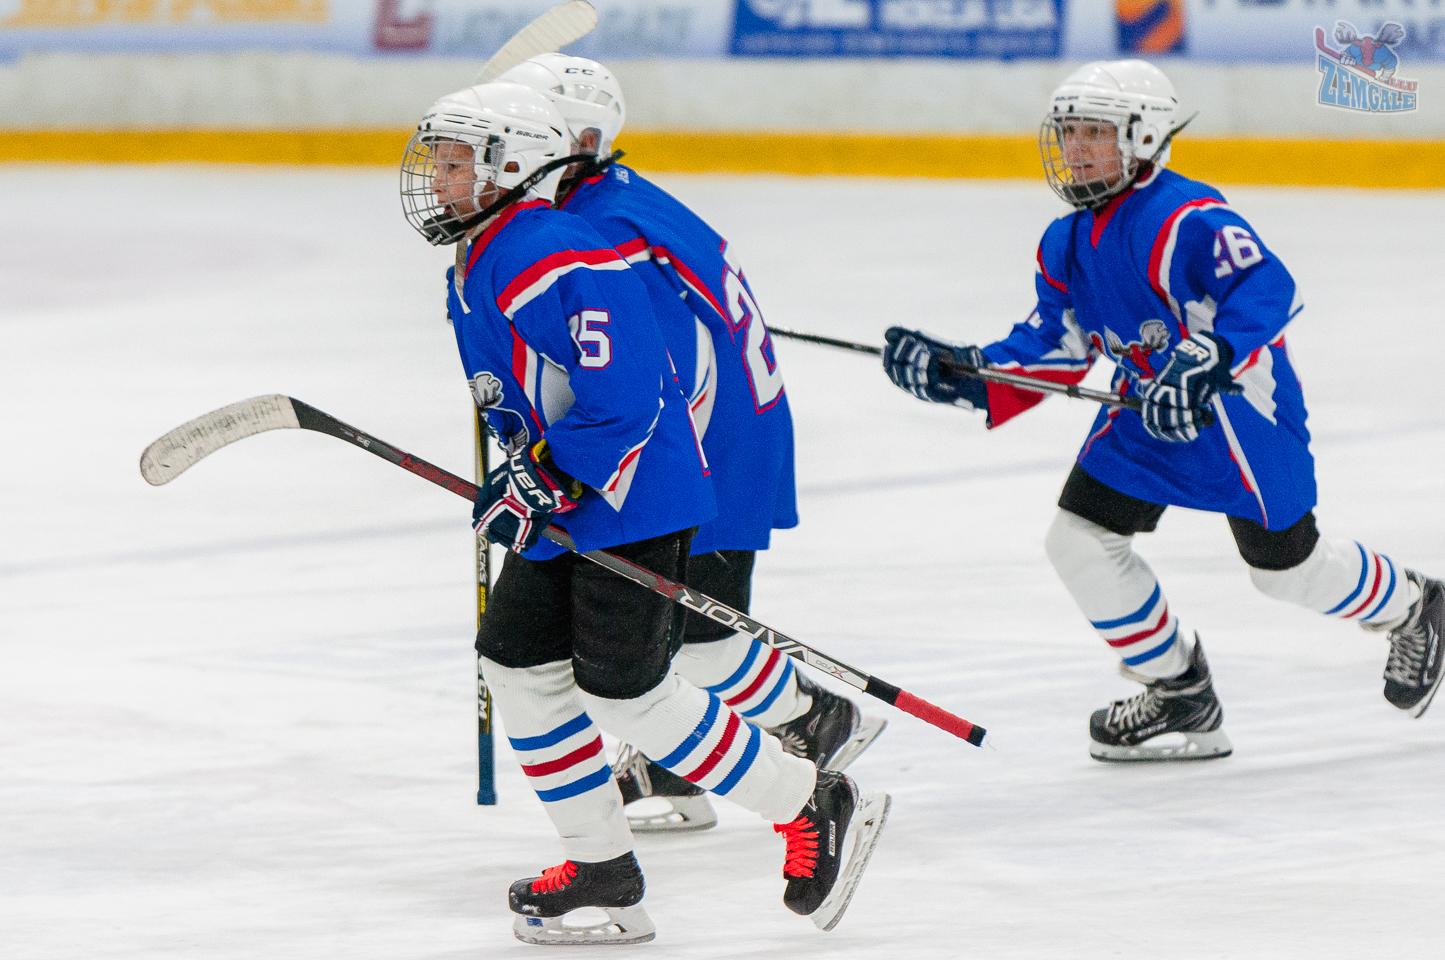 Jelgavas hokeja skola JLSS U11 B - Liepāja SSS LBJČH 22092019-05